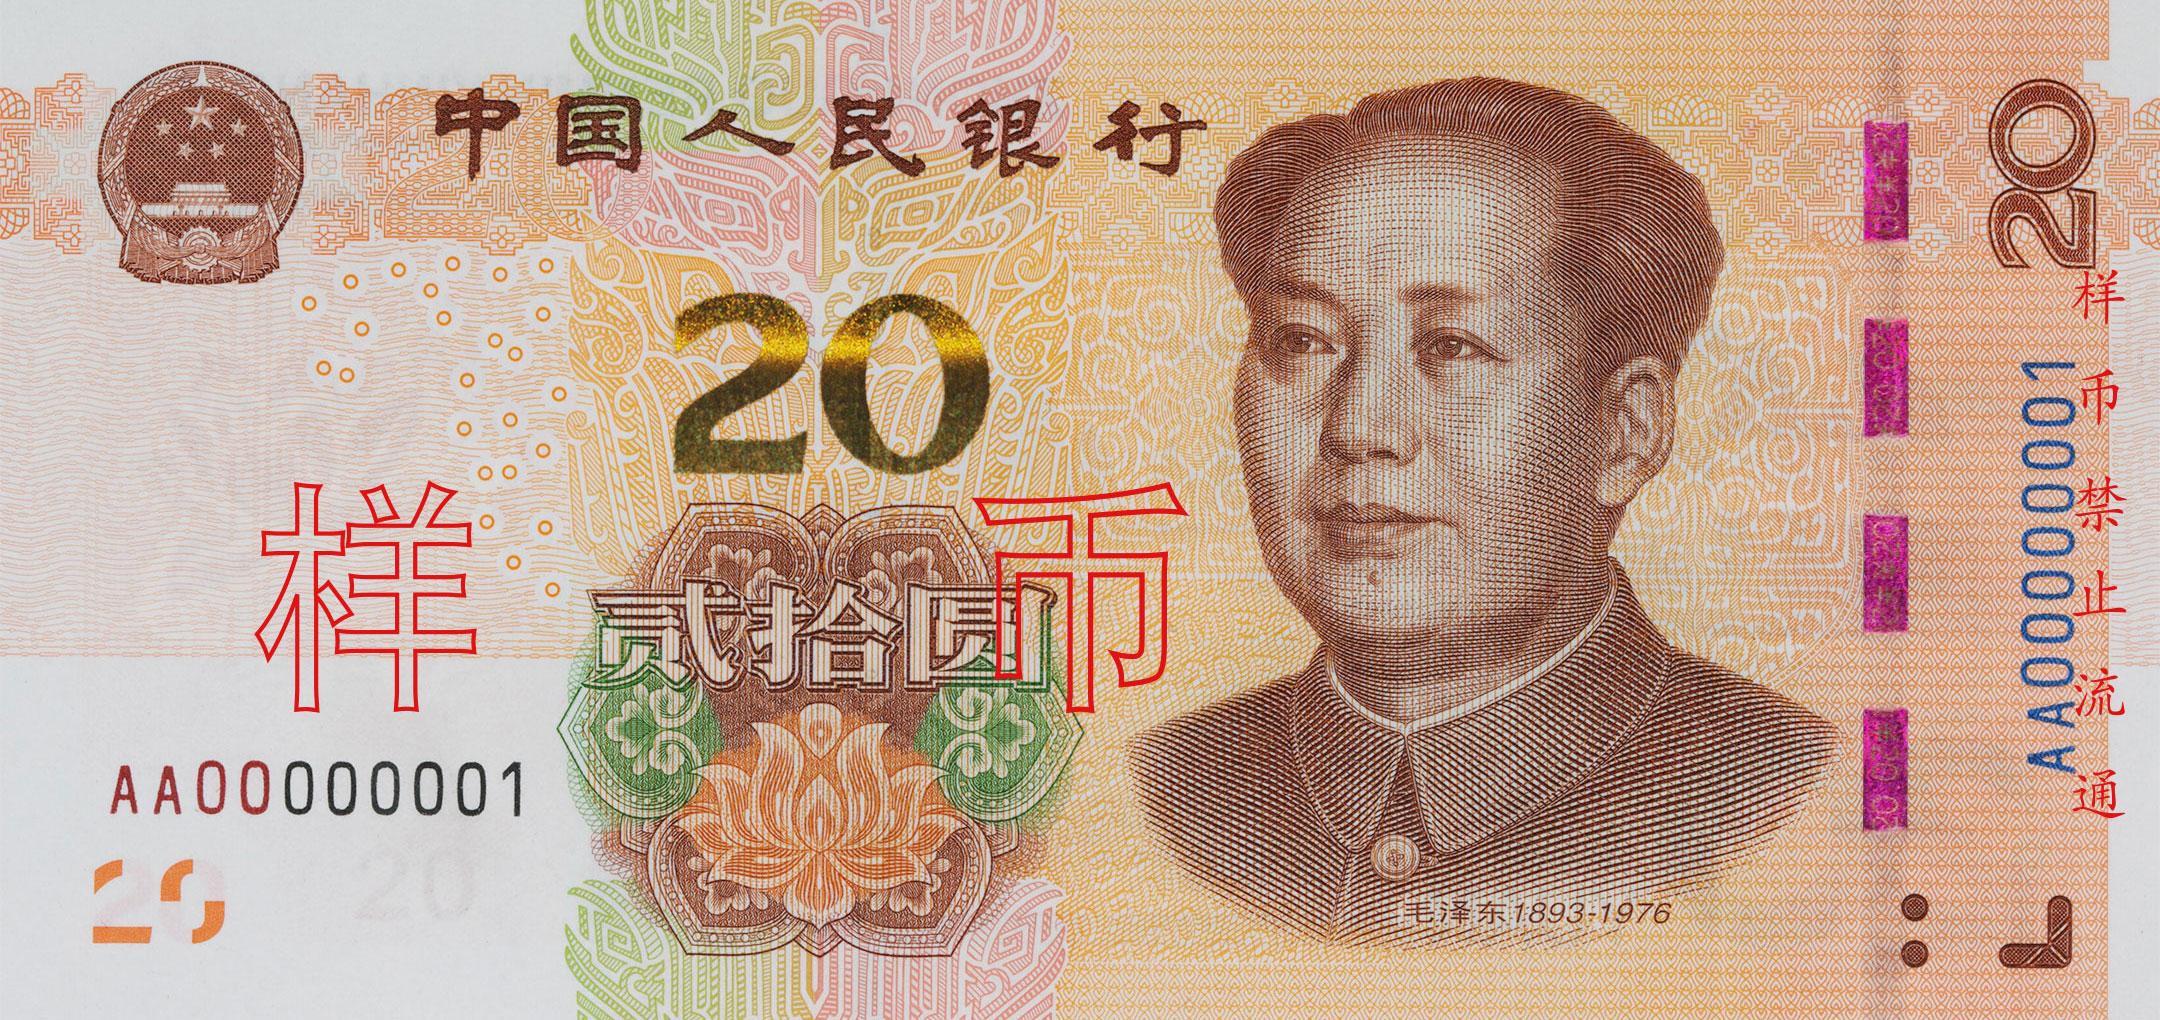 rmb2019-20-zheng_big.jpg